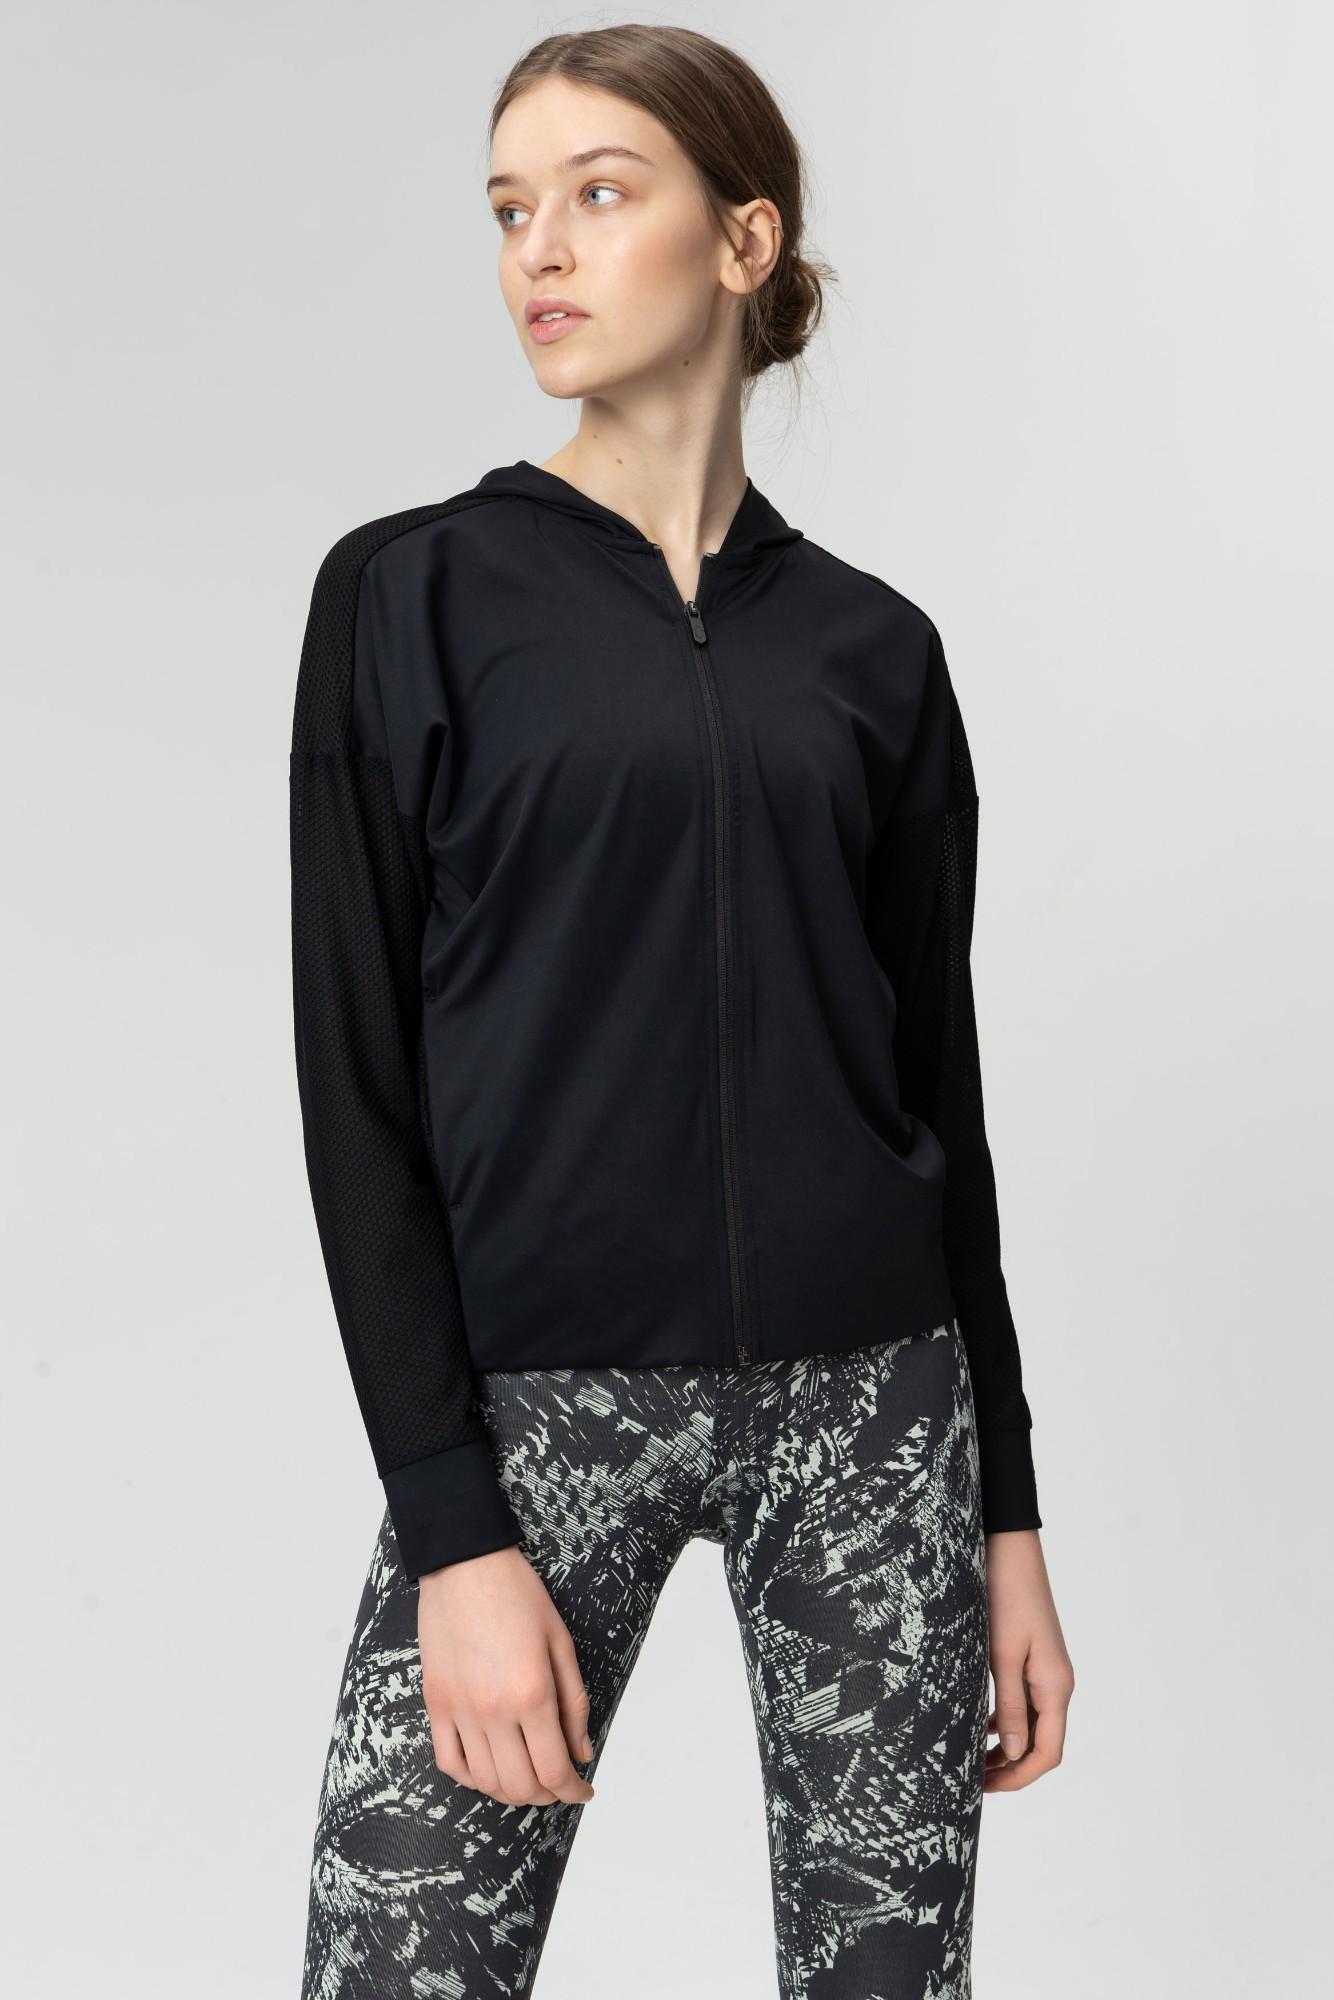 AUDIMAS Apranga Atsegamas funkcionalus džemperis Black M